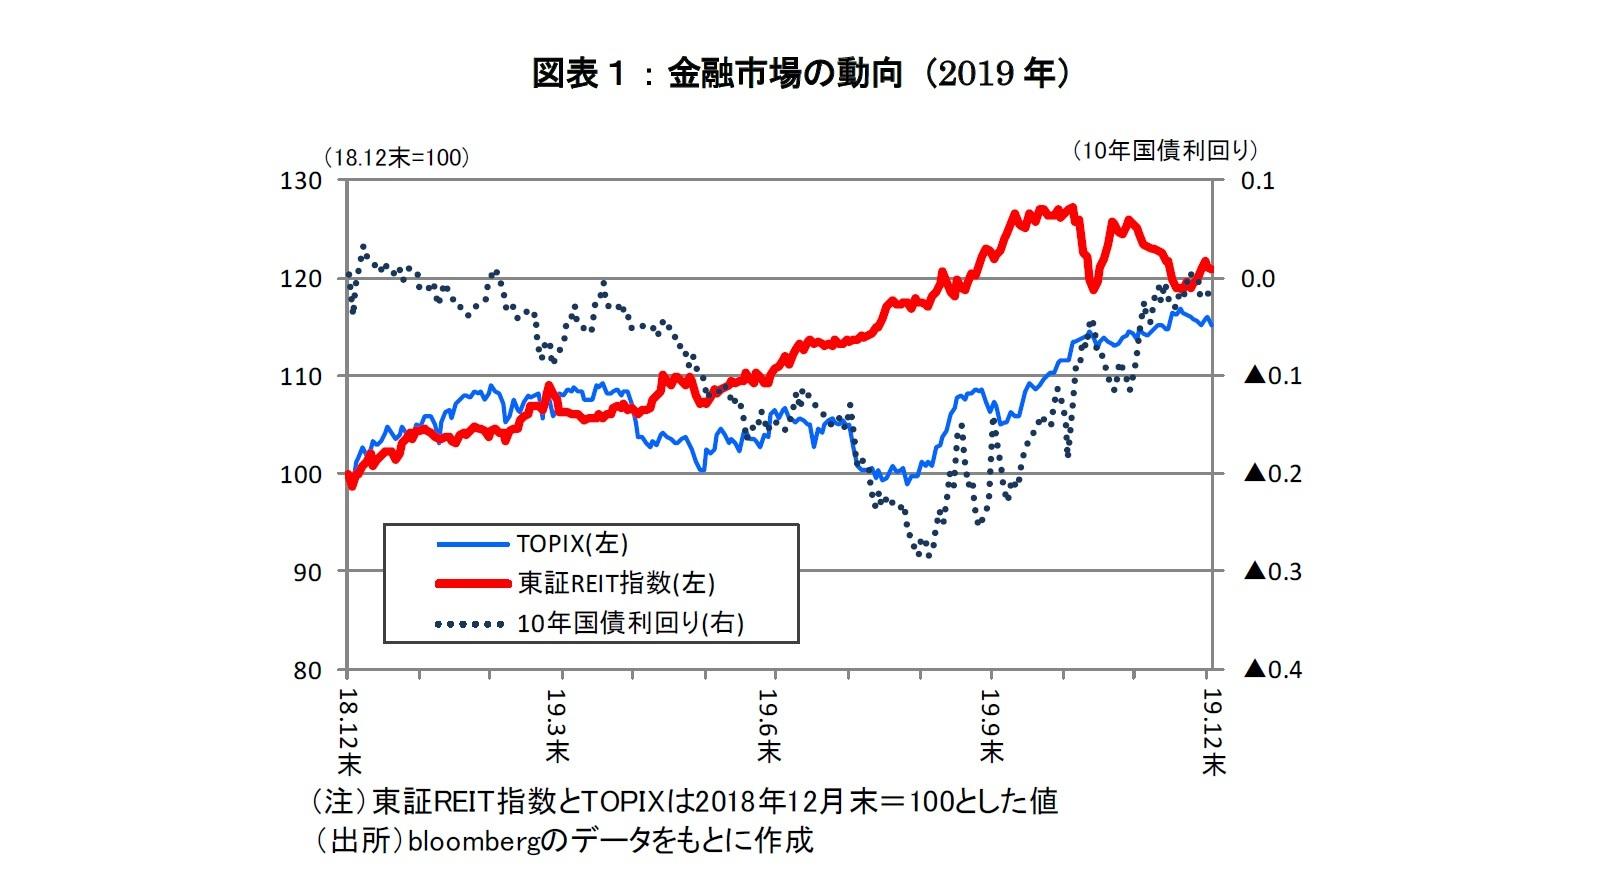 図表1:金融市場の動向(2019年)